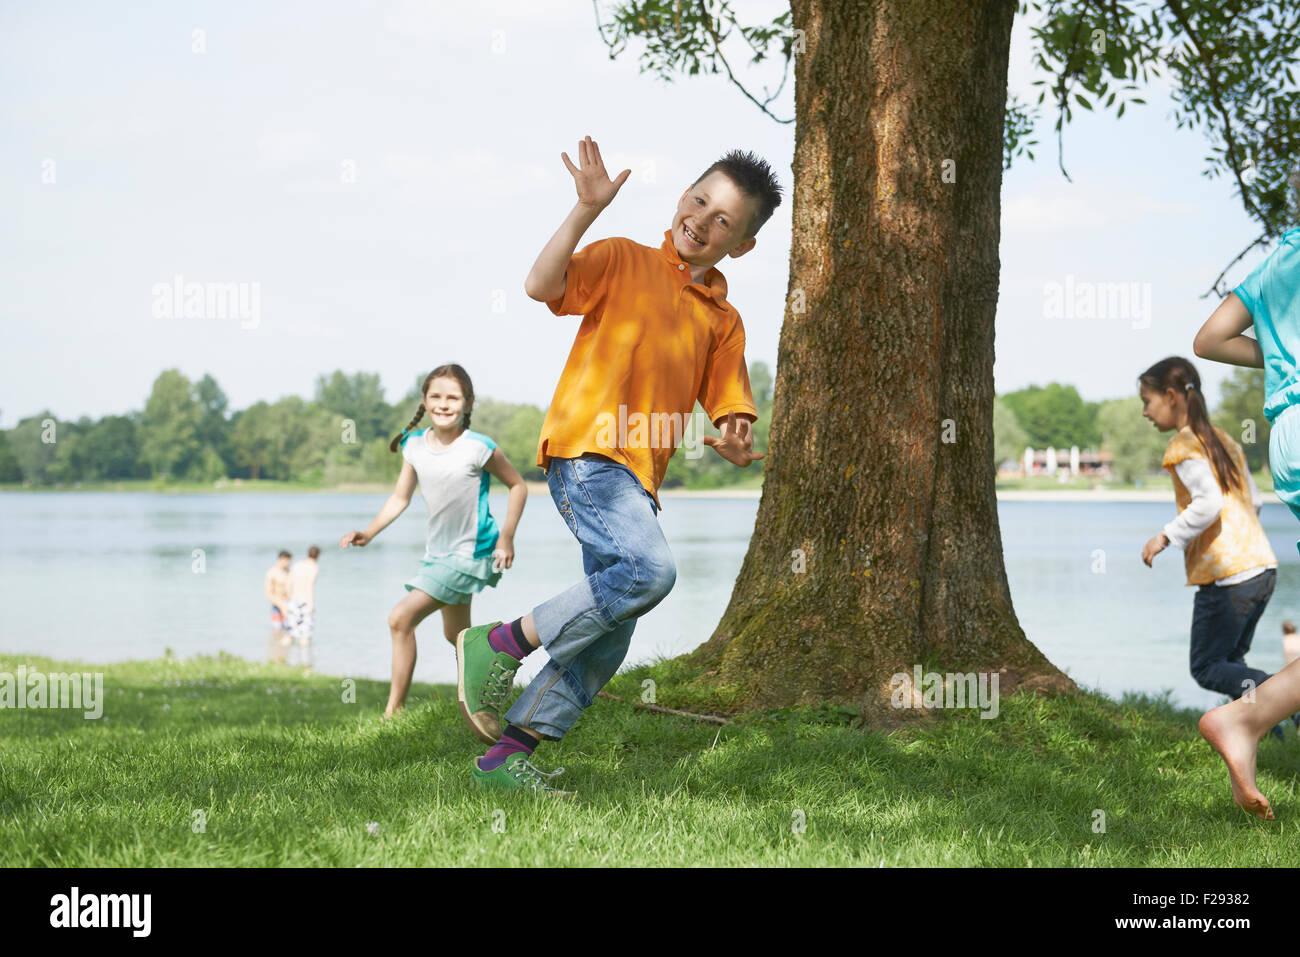 Children running around a tree at lakeshore, Bavaria, Germany - Stock Image